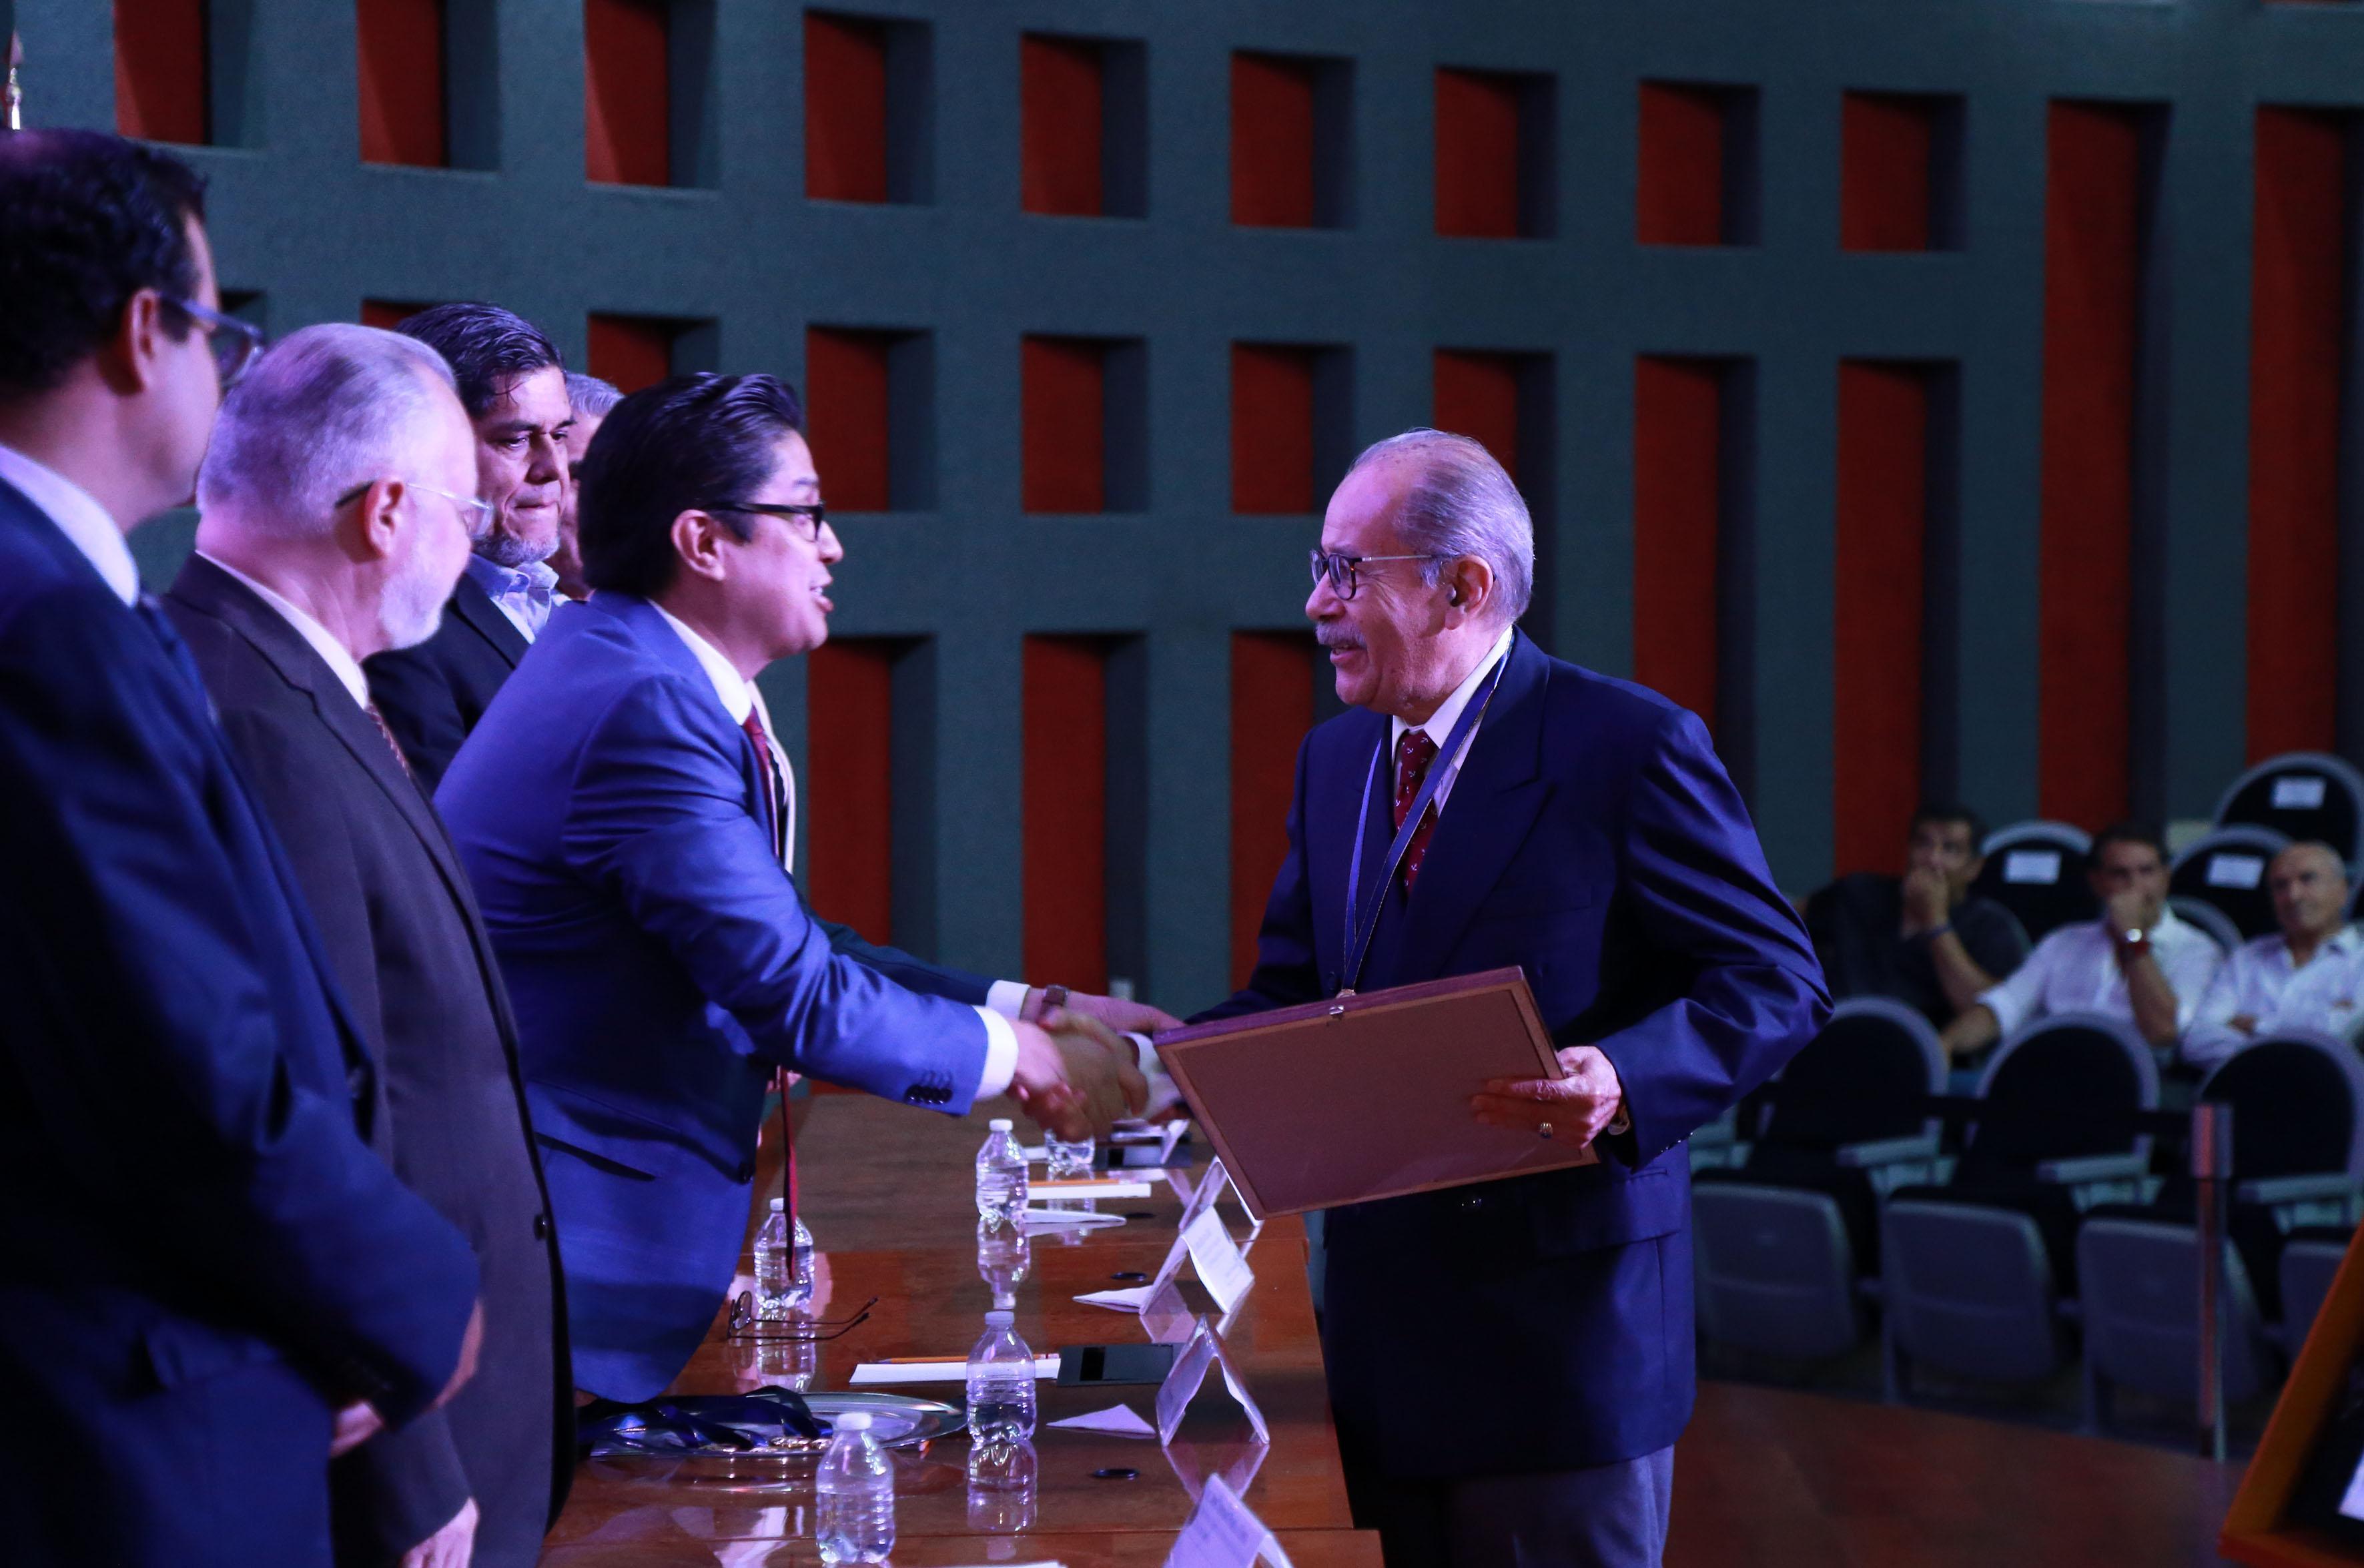 Galardonado recibiendo reconocimiento y medalla de manos del rector